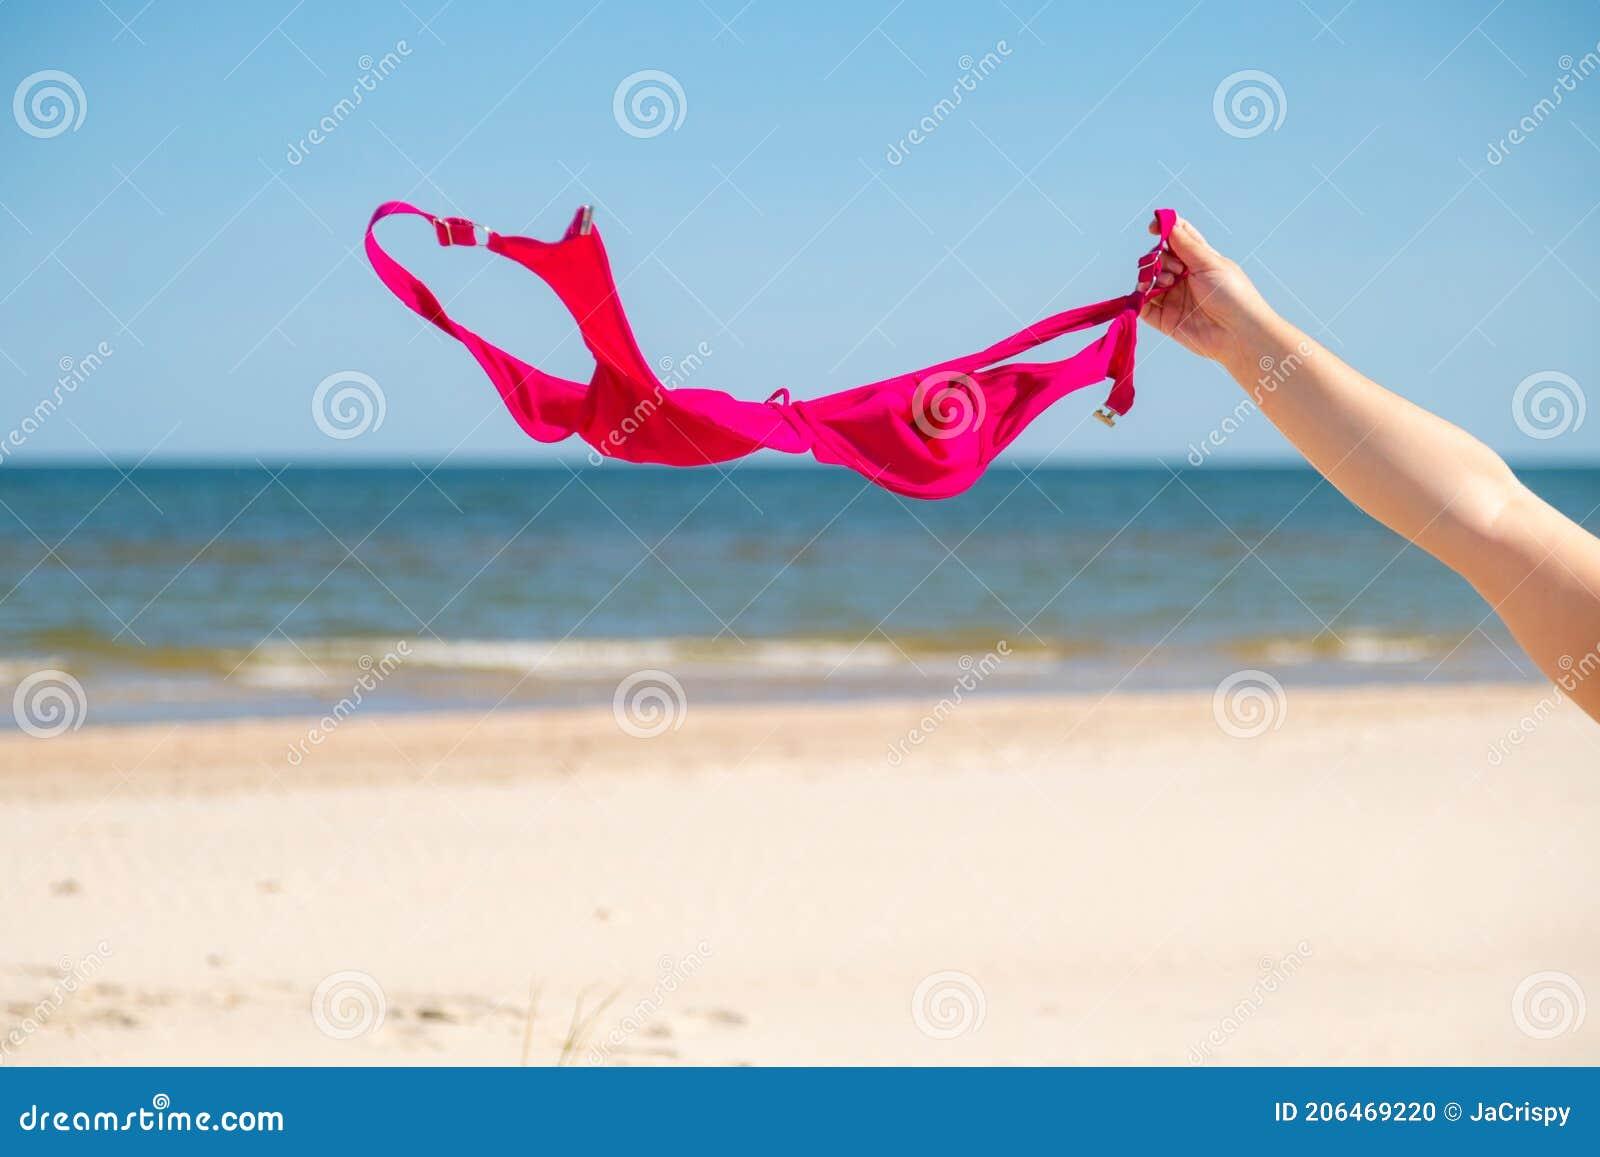 Strand frau nackt Junge Mädchen